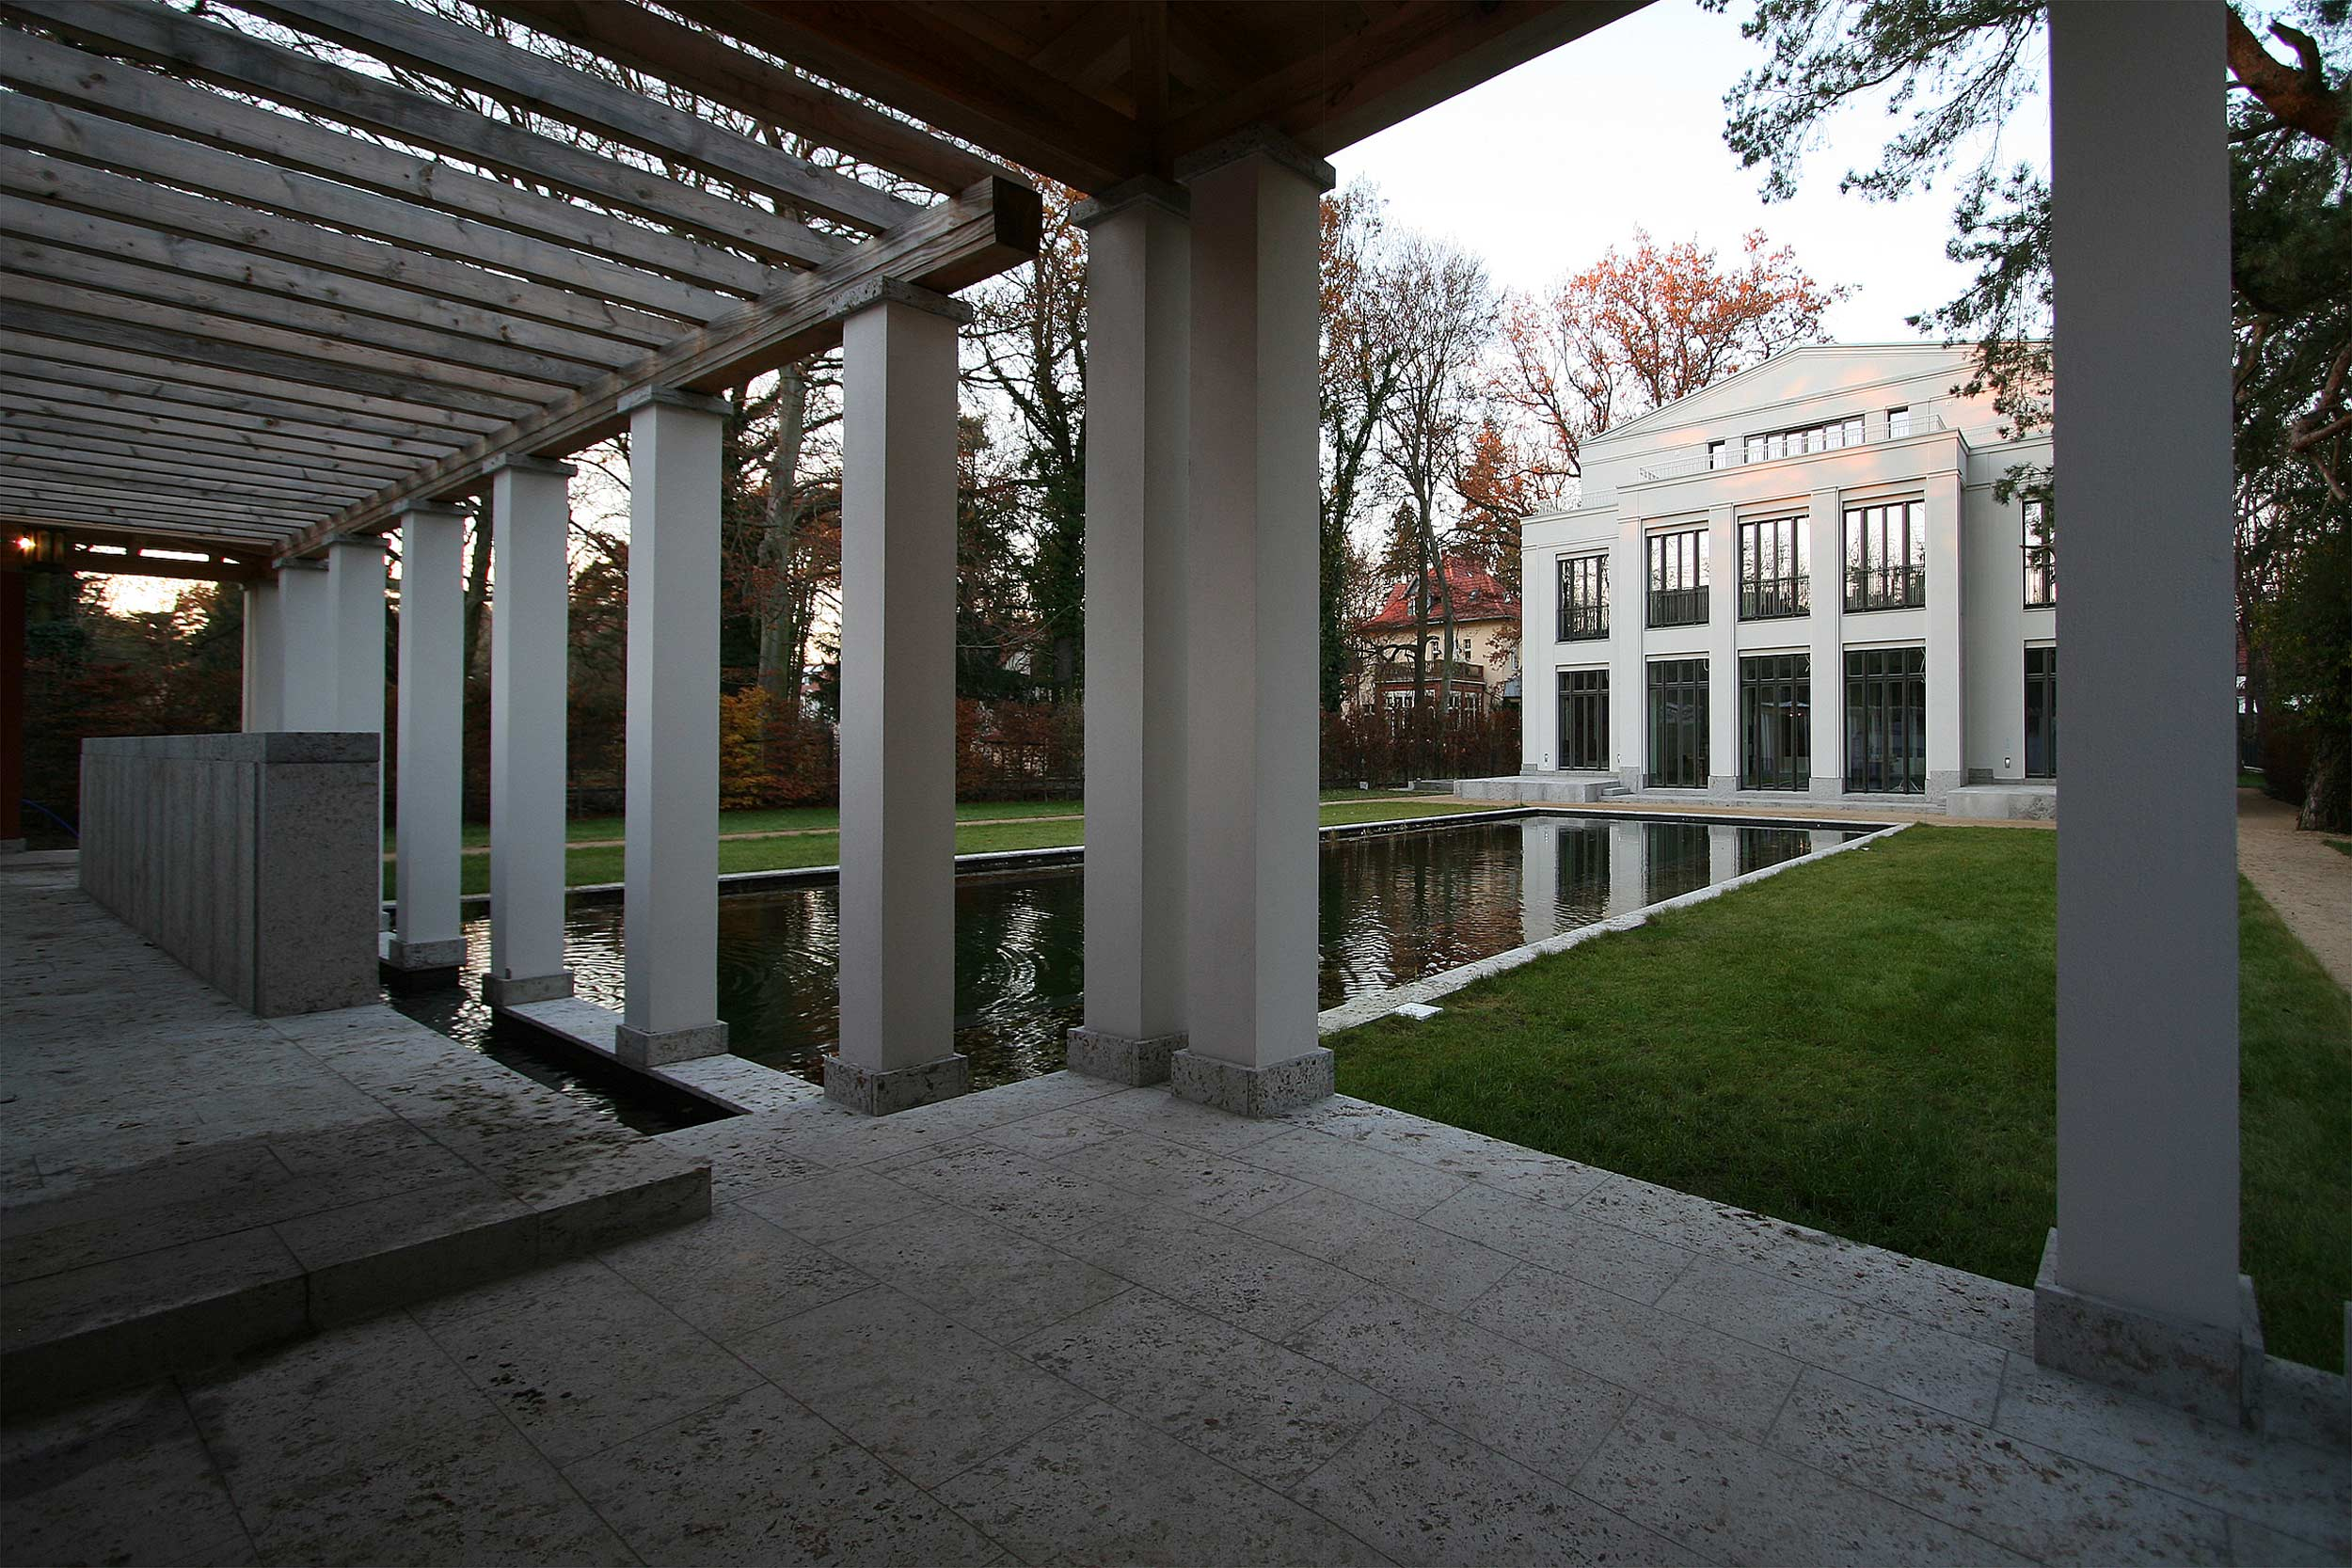 Neubau einer Villa im neoklassizistischen Stil - Schwimmteich, Pergolen und Pavillione haben einen Bodenbelag aus Muschelkalk